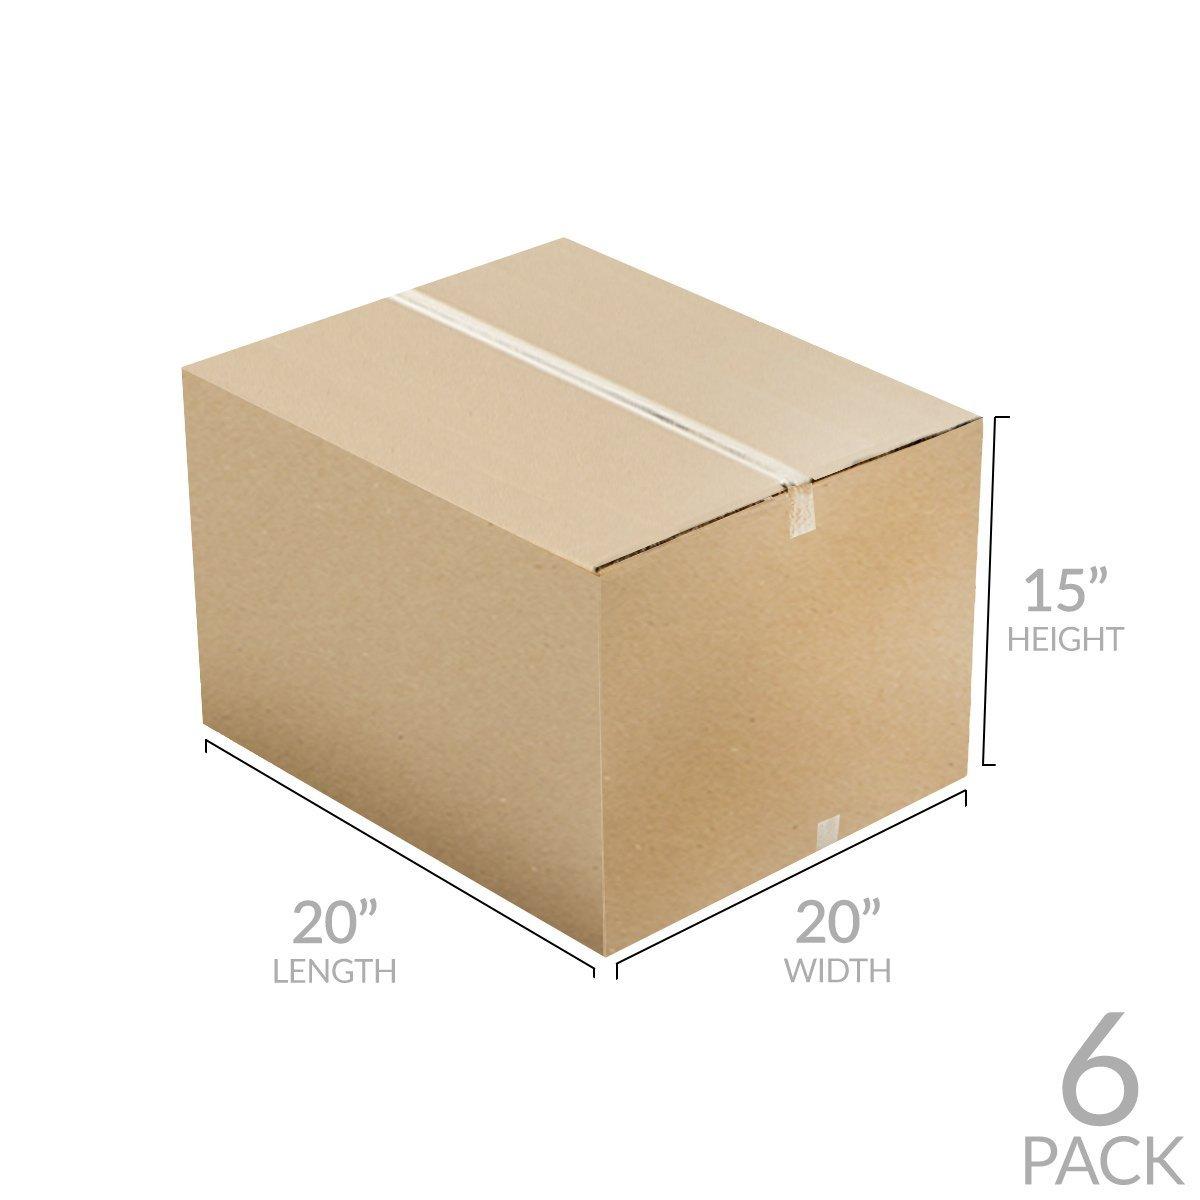 214eae33ac6 Moving Boxes Large Size 20x20x15